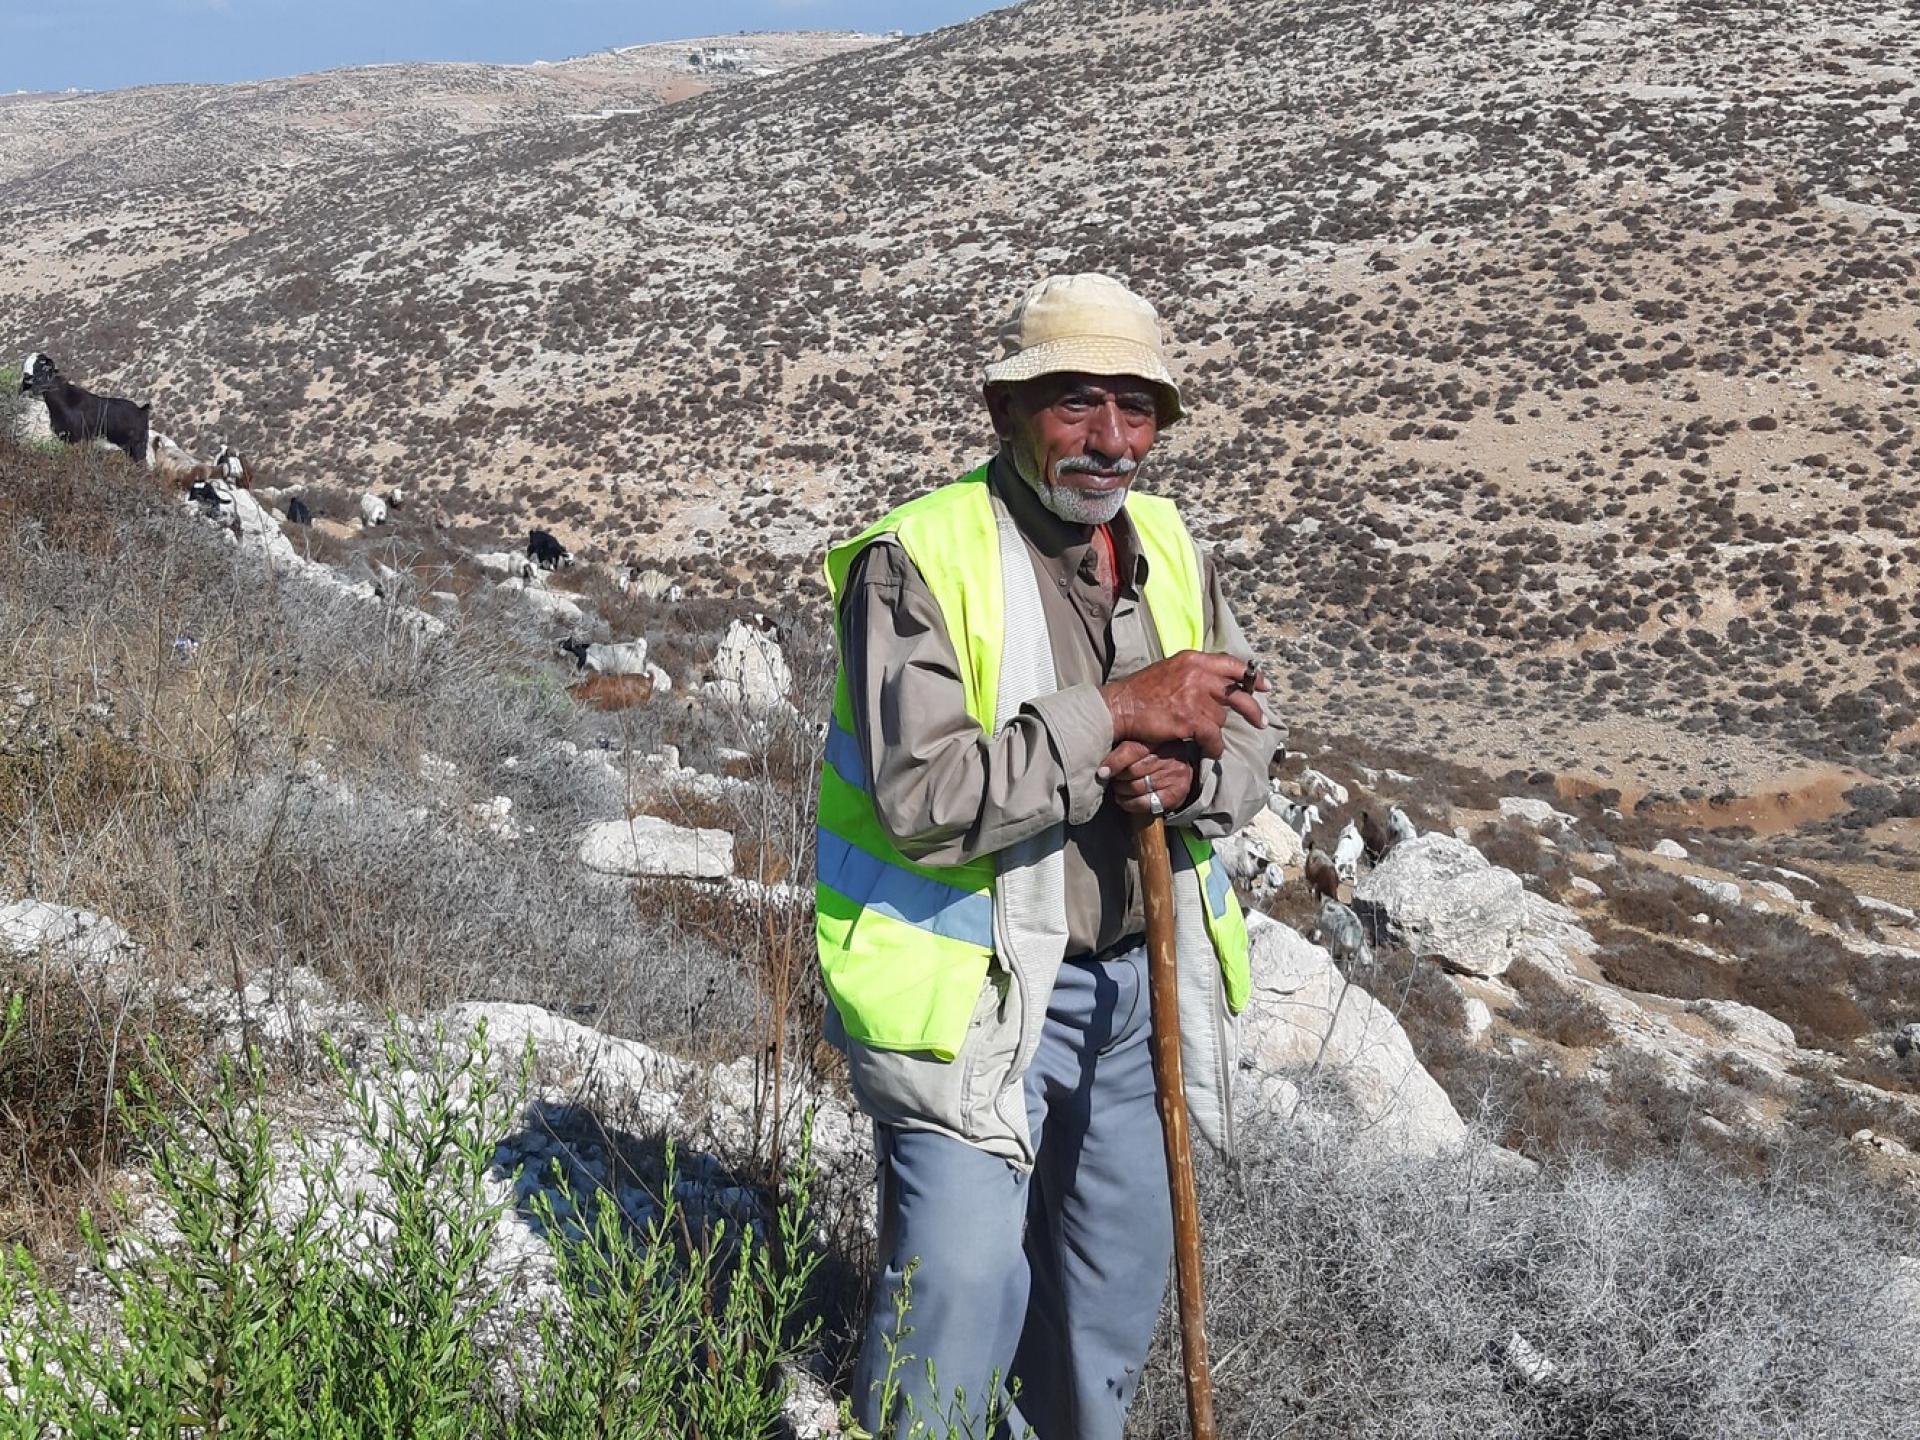 דרום הר חברון - אבו סאפי רועה את עדרו